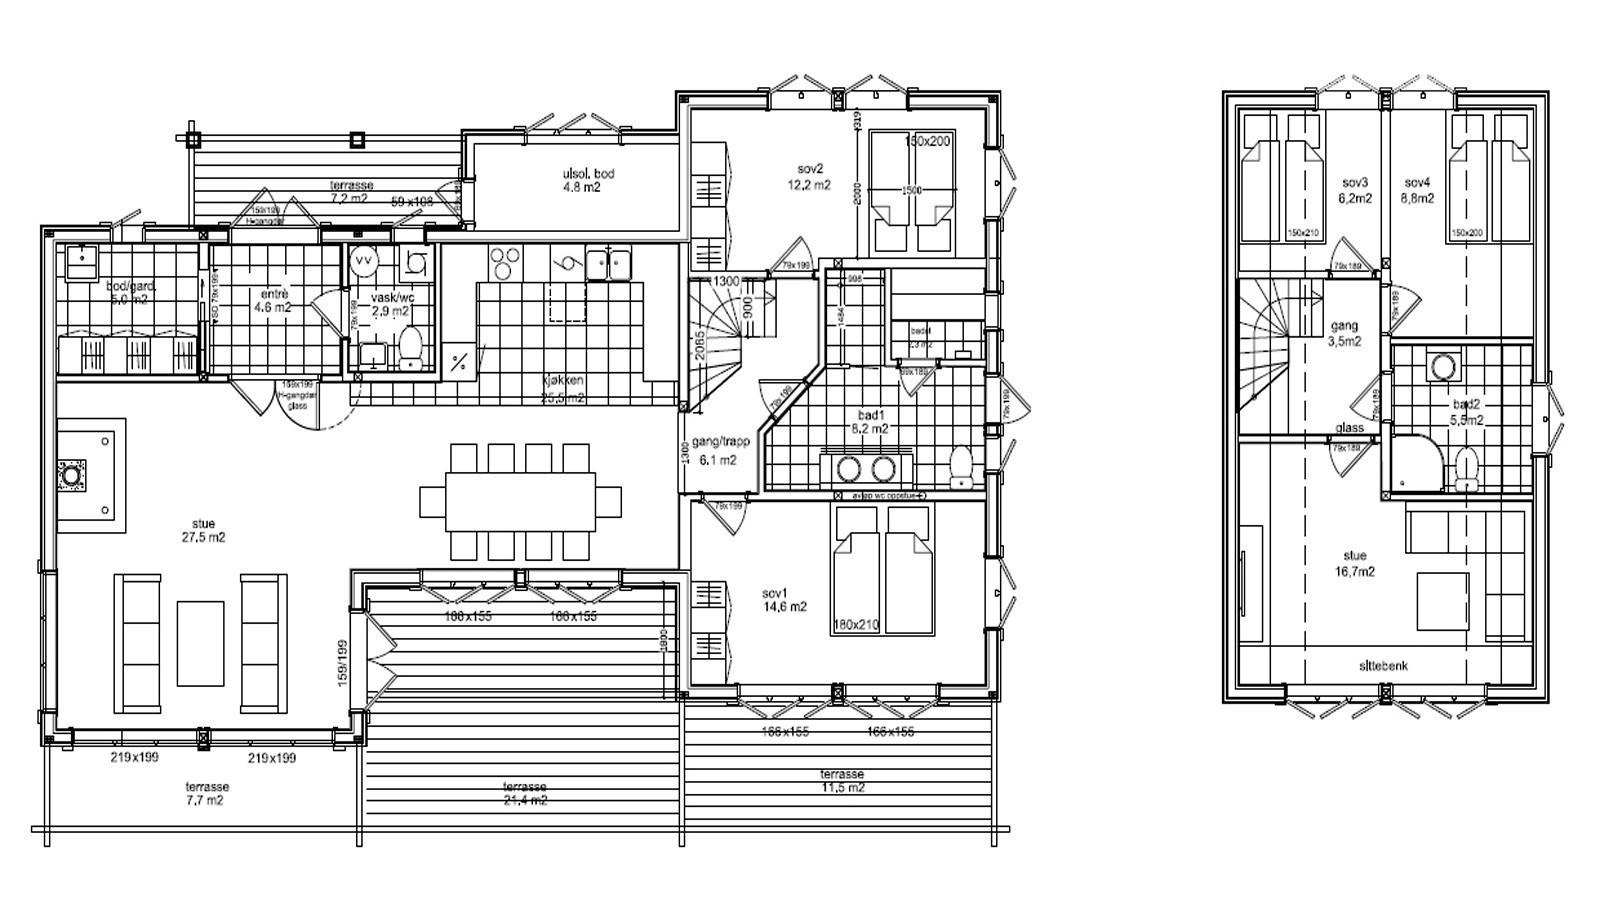 Plan tegninger for hytte modell Kløvfjell  - Vi har egne arkitekter som tilpasser hytten helt til slik dere ønsker og behov er. Spør oss gjerne om ulike kundetilpassende tegninger.